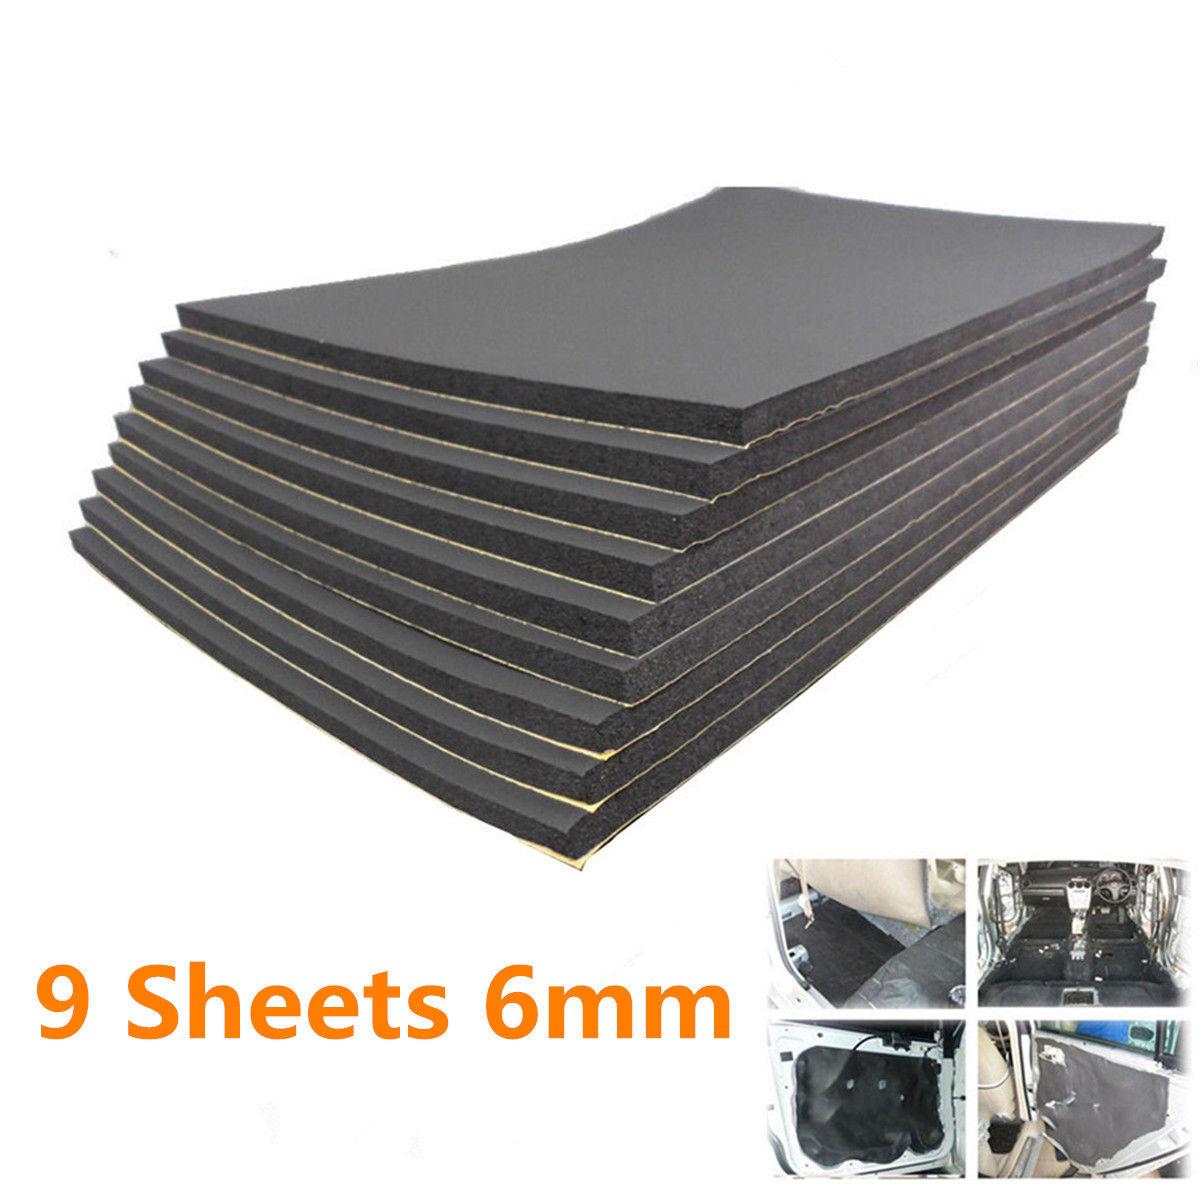 9 pièces voiture Van insonorisation amortissement isolation mousse 30cm * 50cm * 6mm protecteur Auto isolation acoustique amortissement accessoires